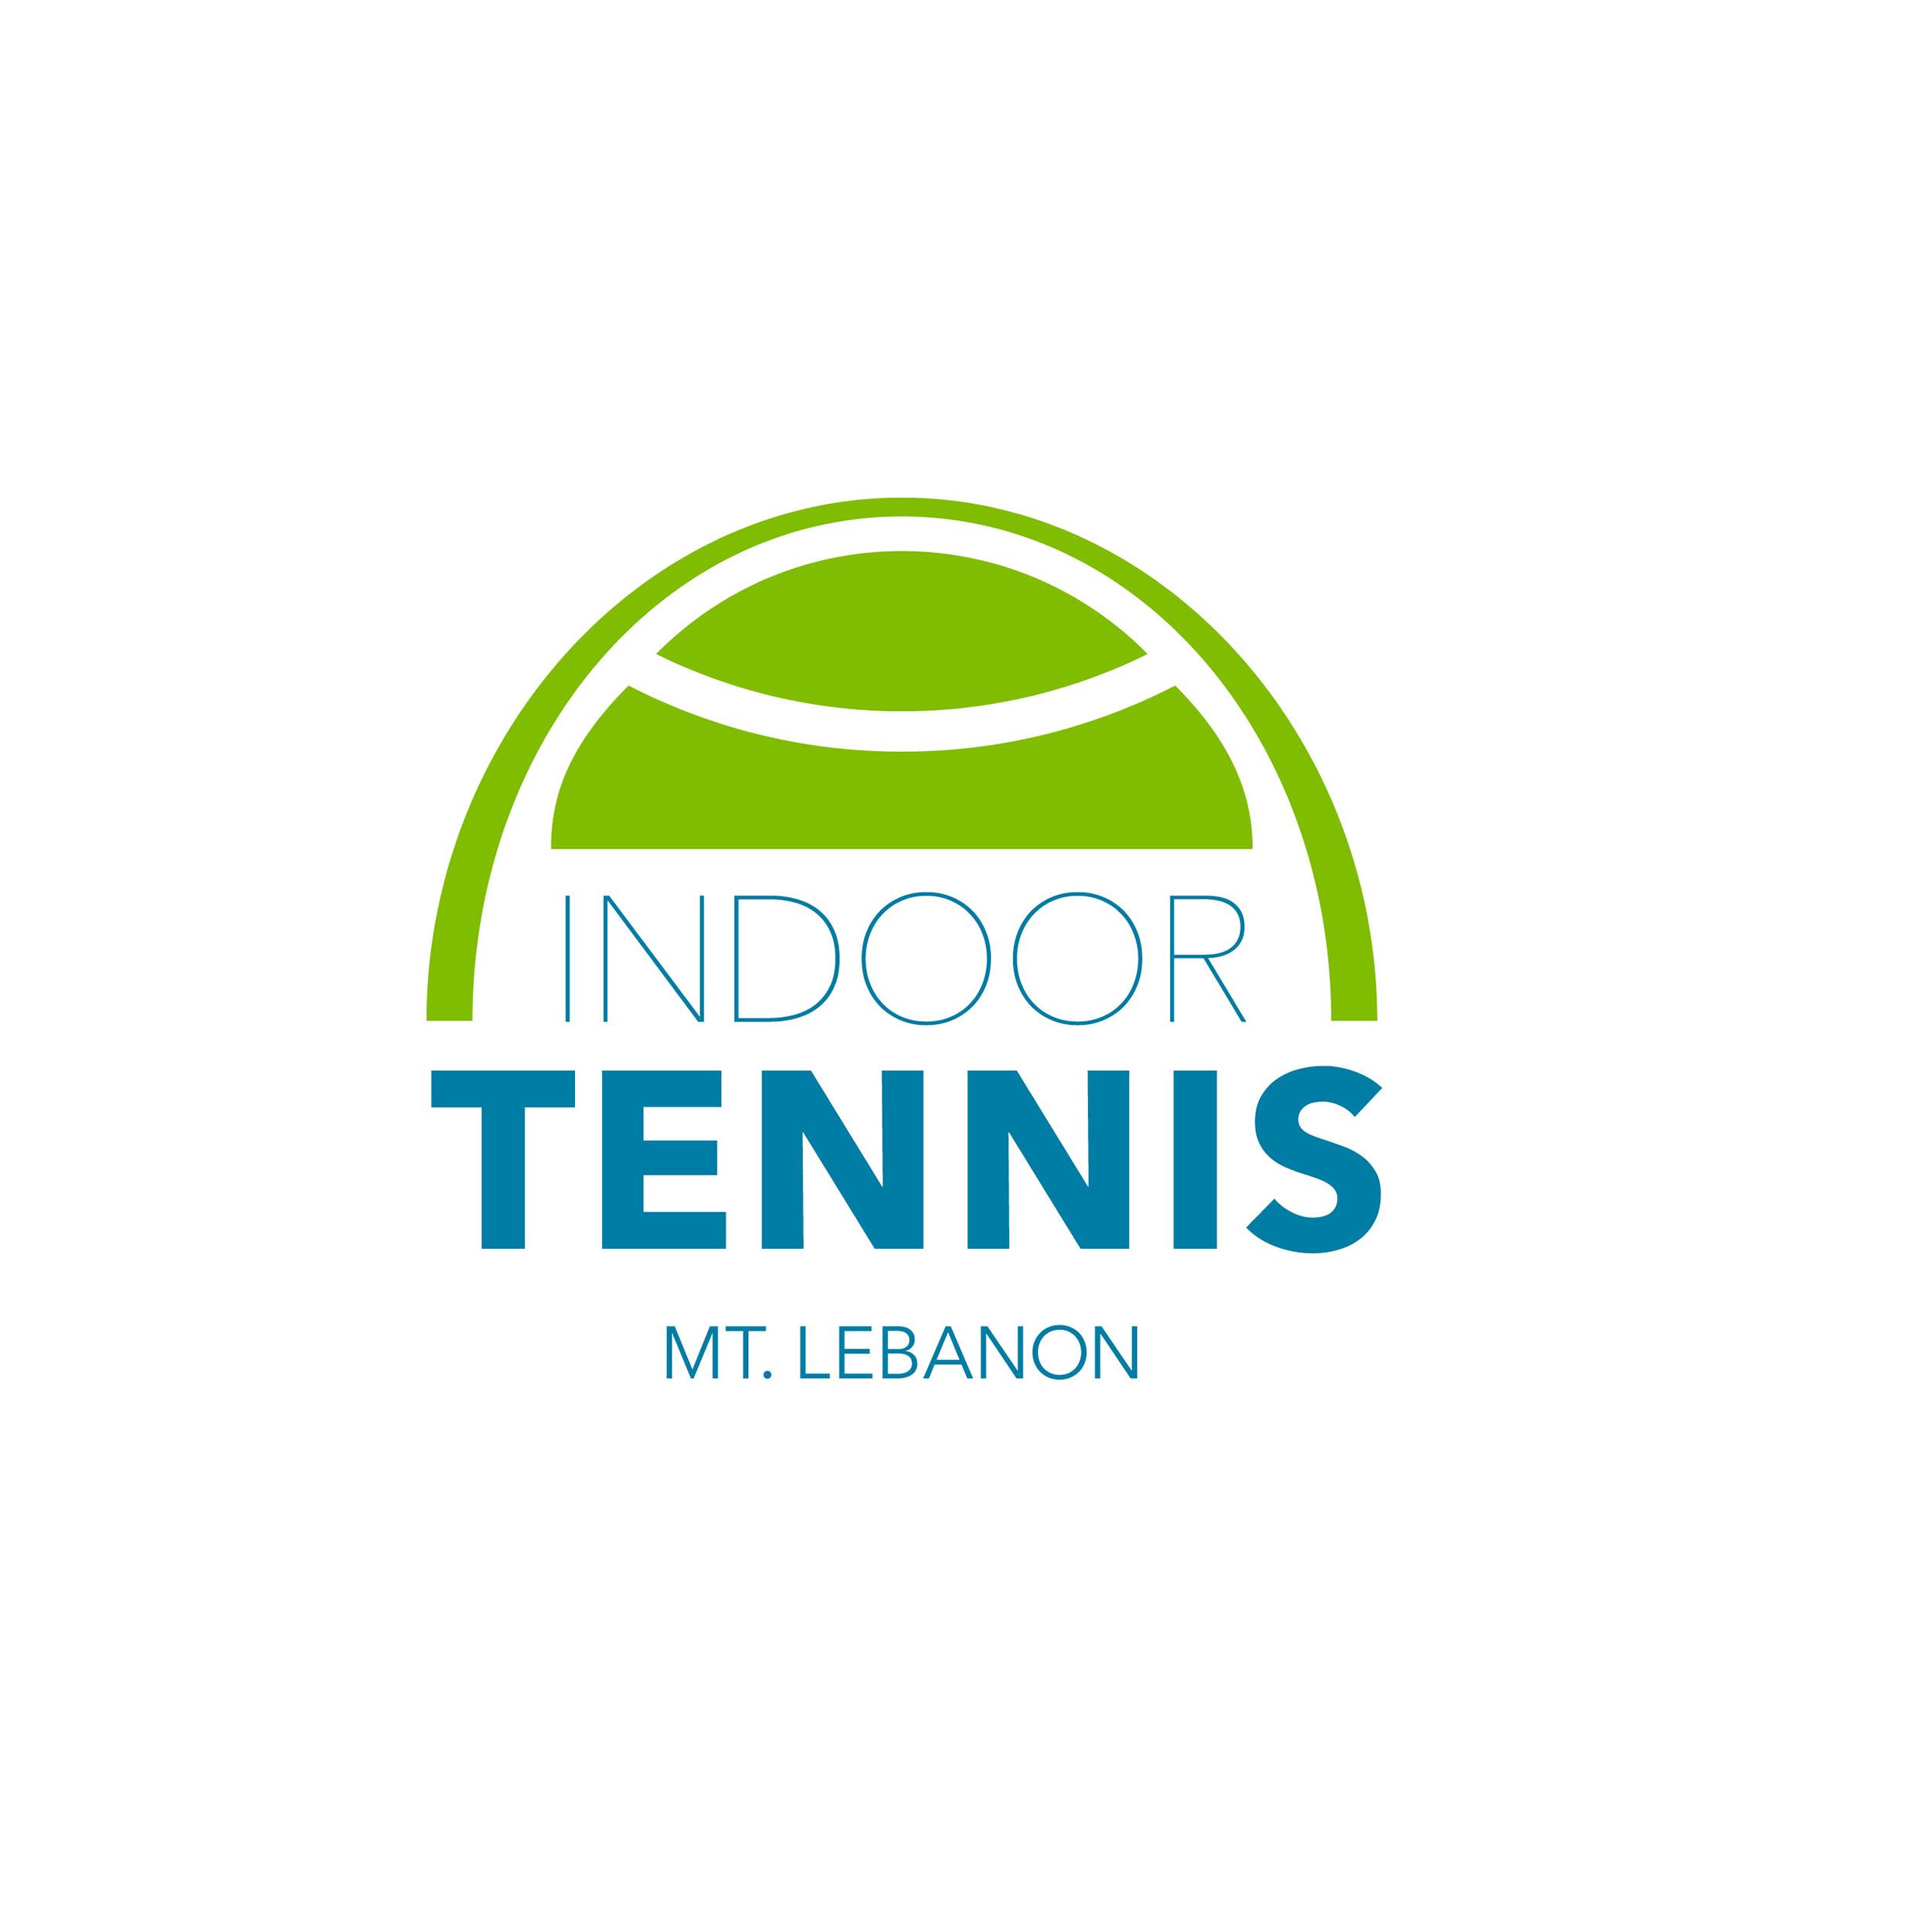 IndoorLogoforWebsite.jpg